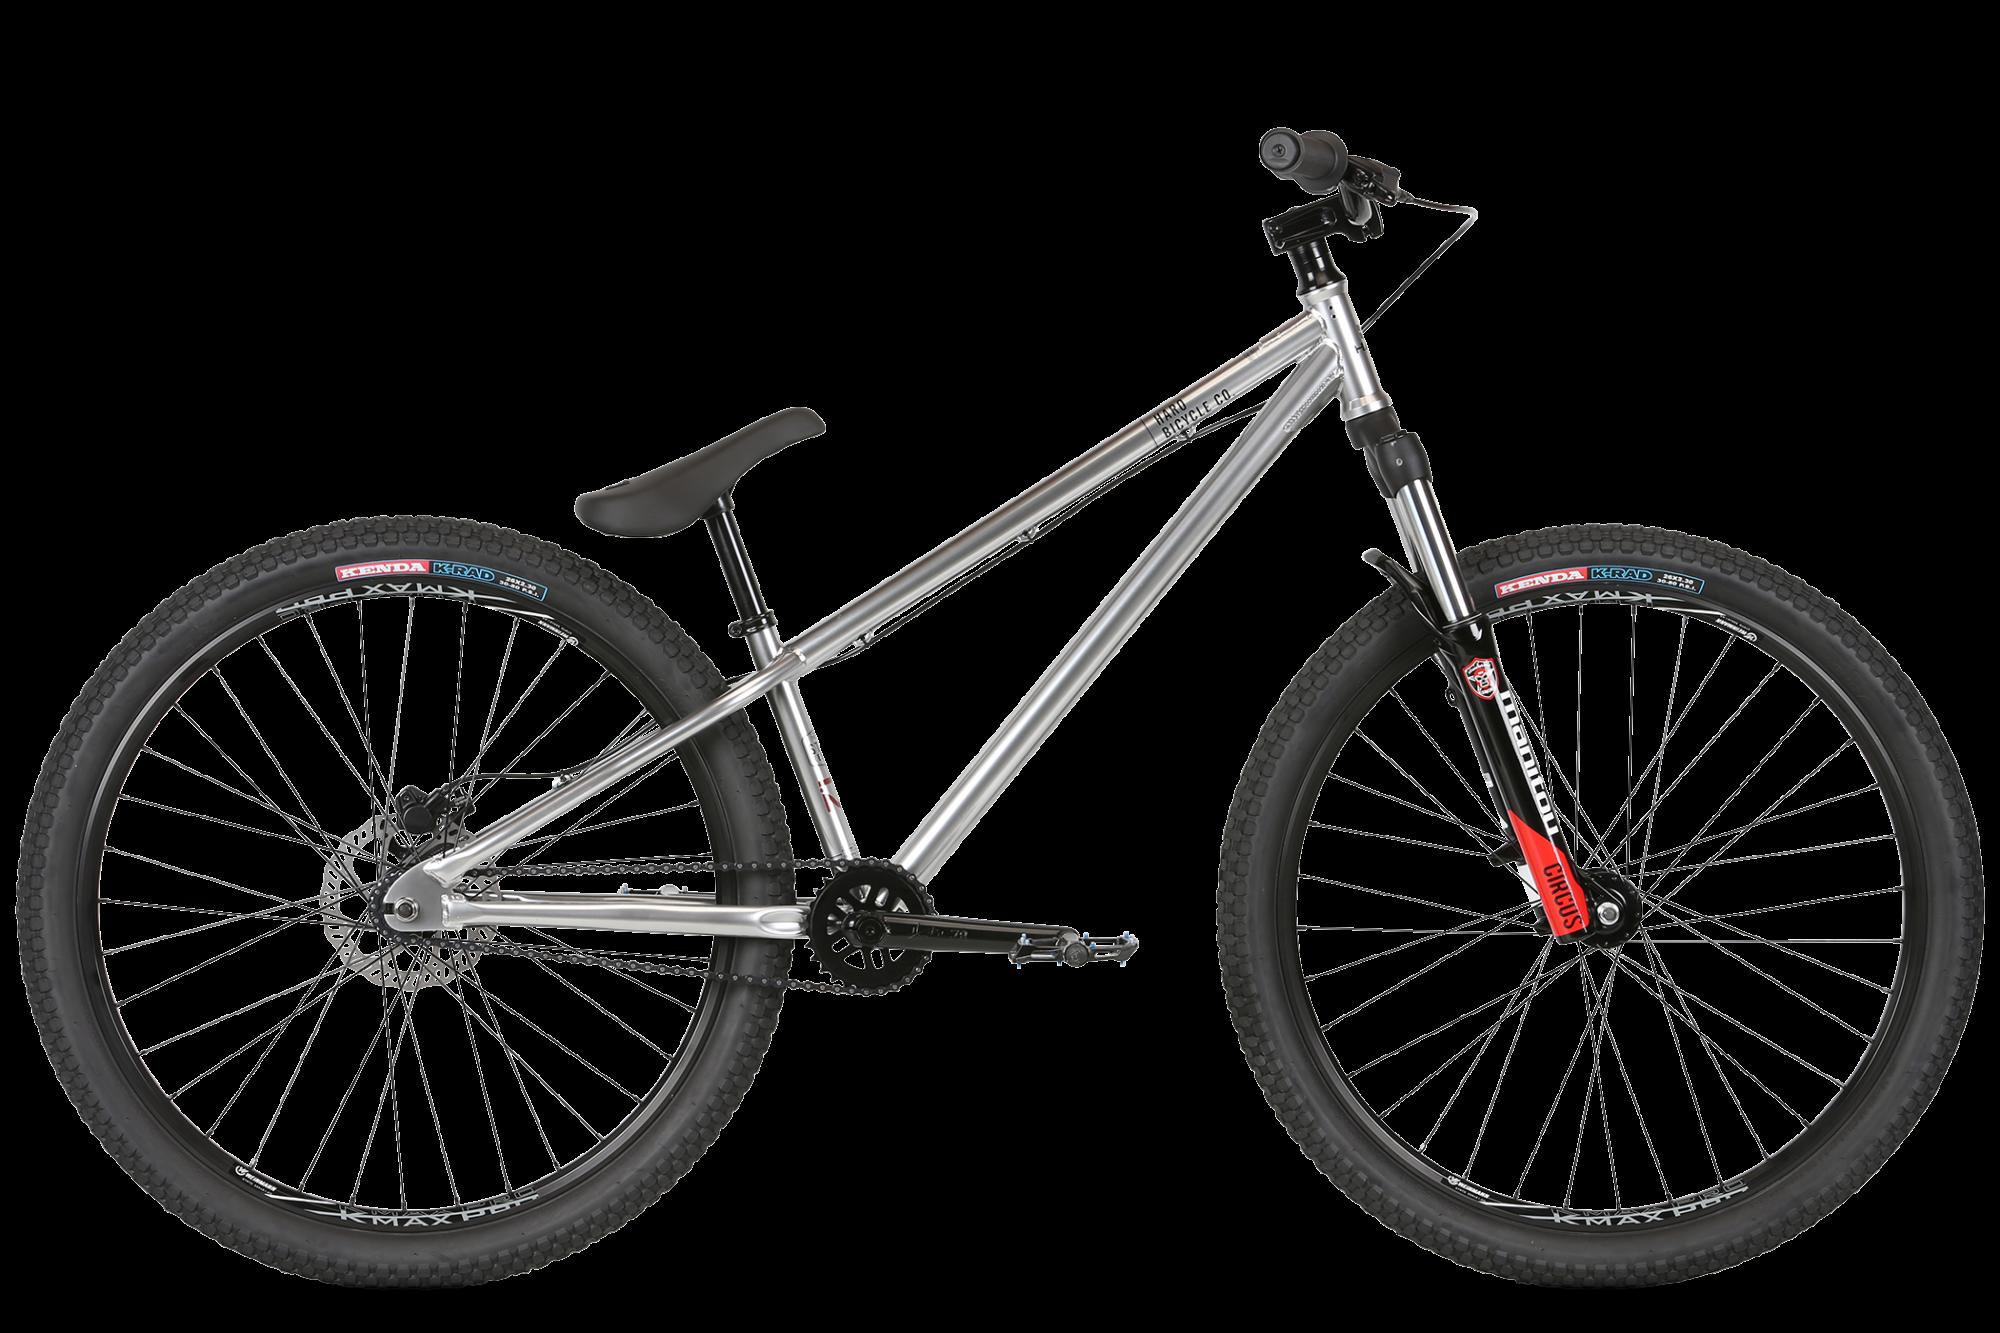 HARO STEEL RESERVE 1.2 DIRT JUMPER BICYCLE